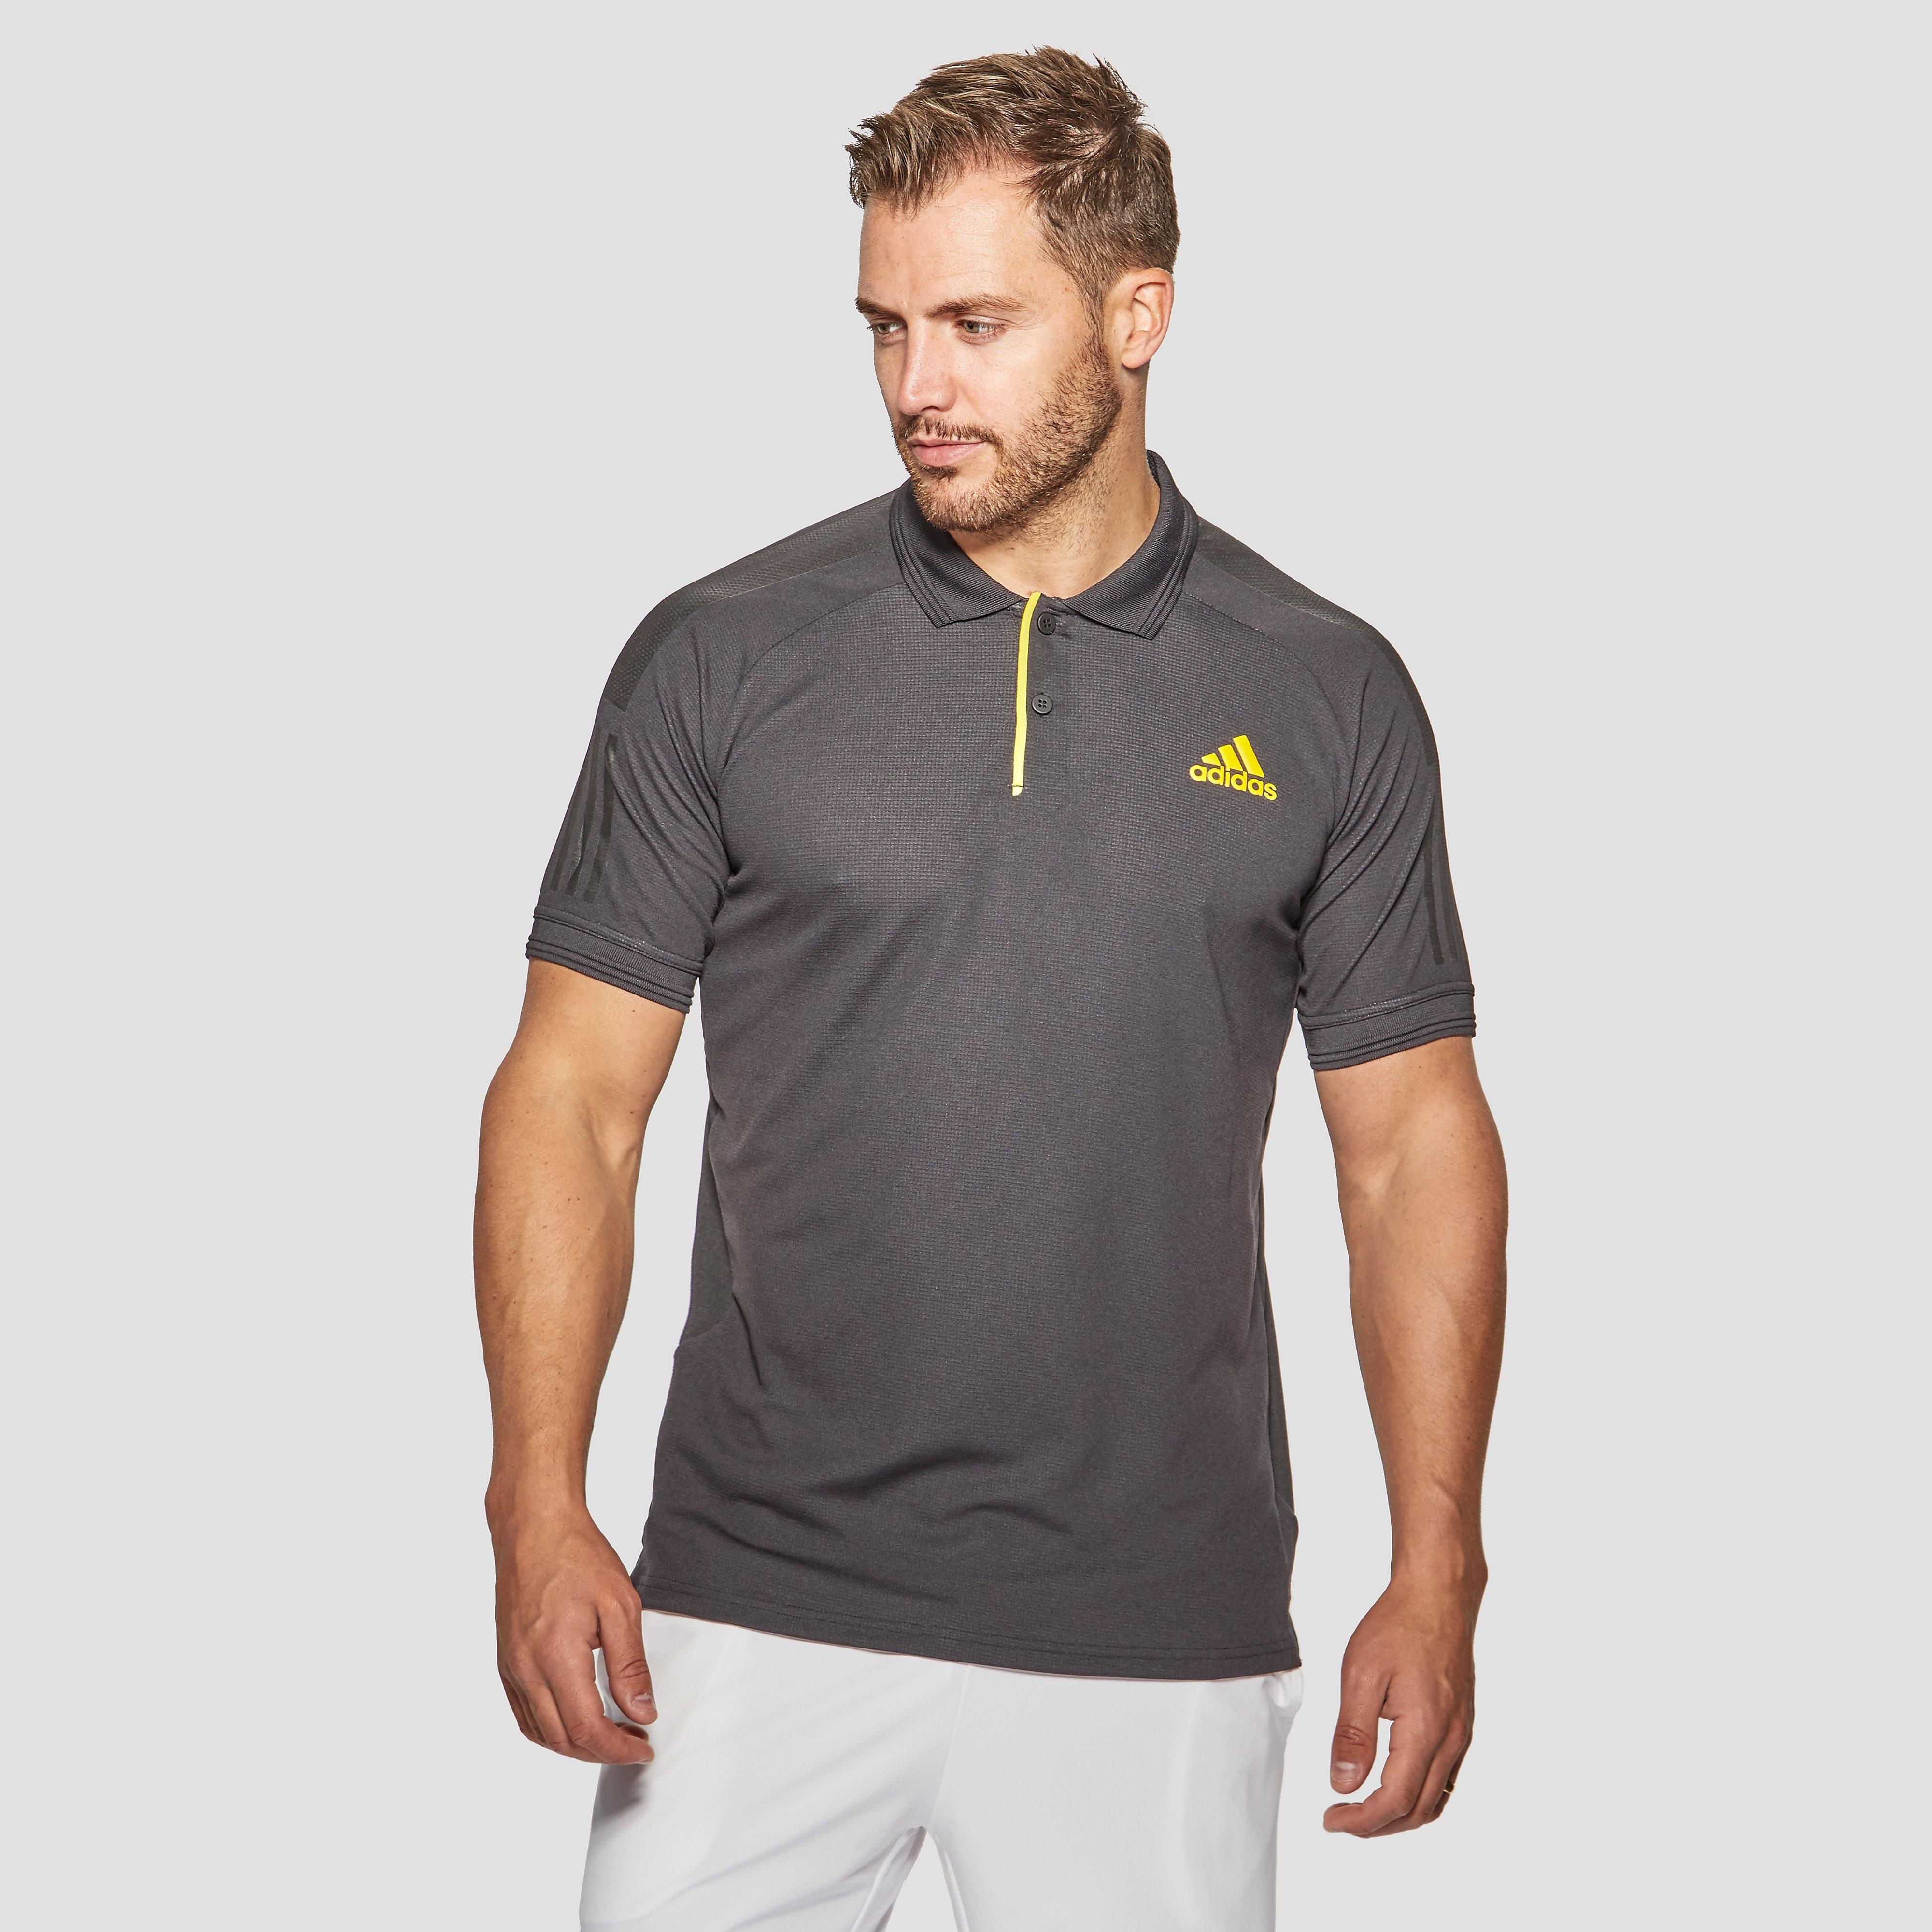 adidas Barricade Men's Polo Shirt